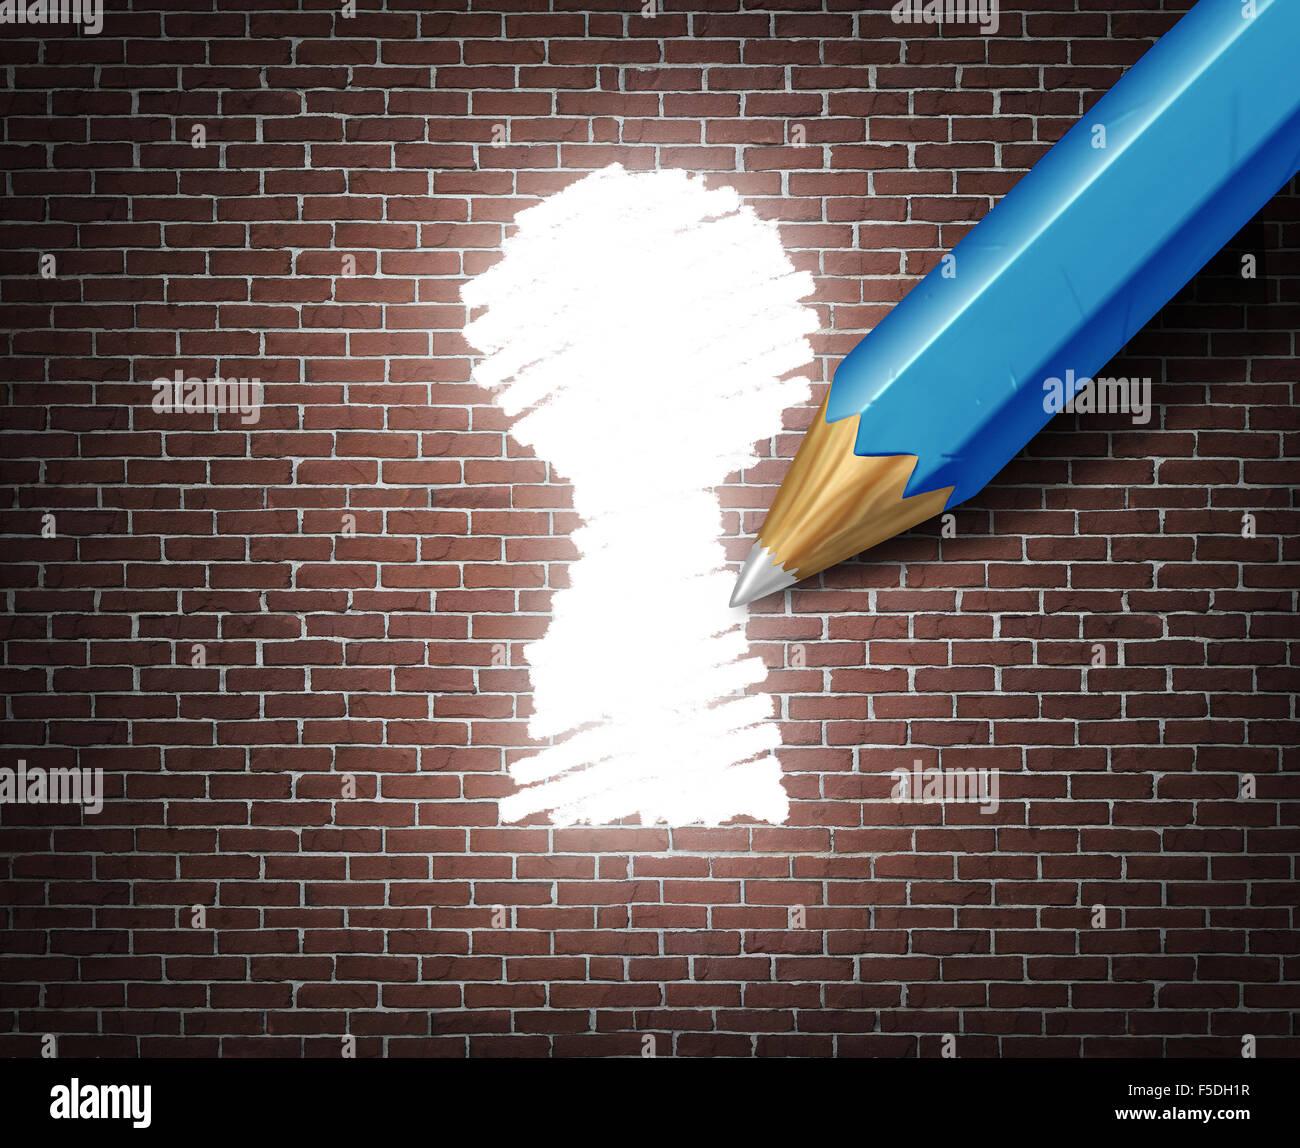 Möglichkeit Idee Geschäftskonzept Als Weiße Spitzen Bleistift